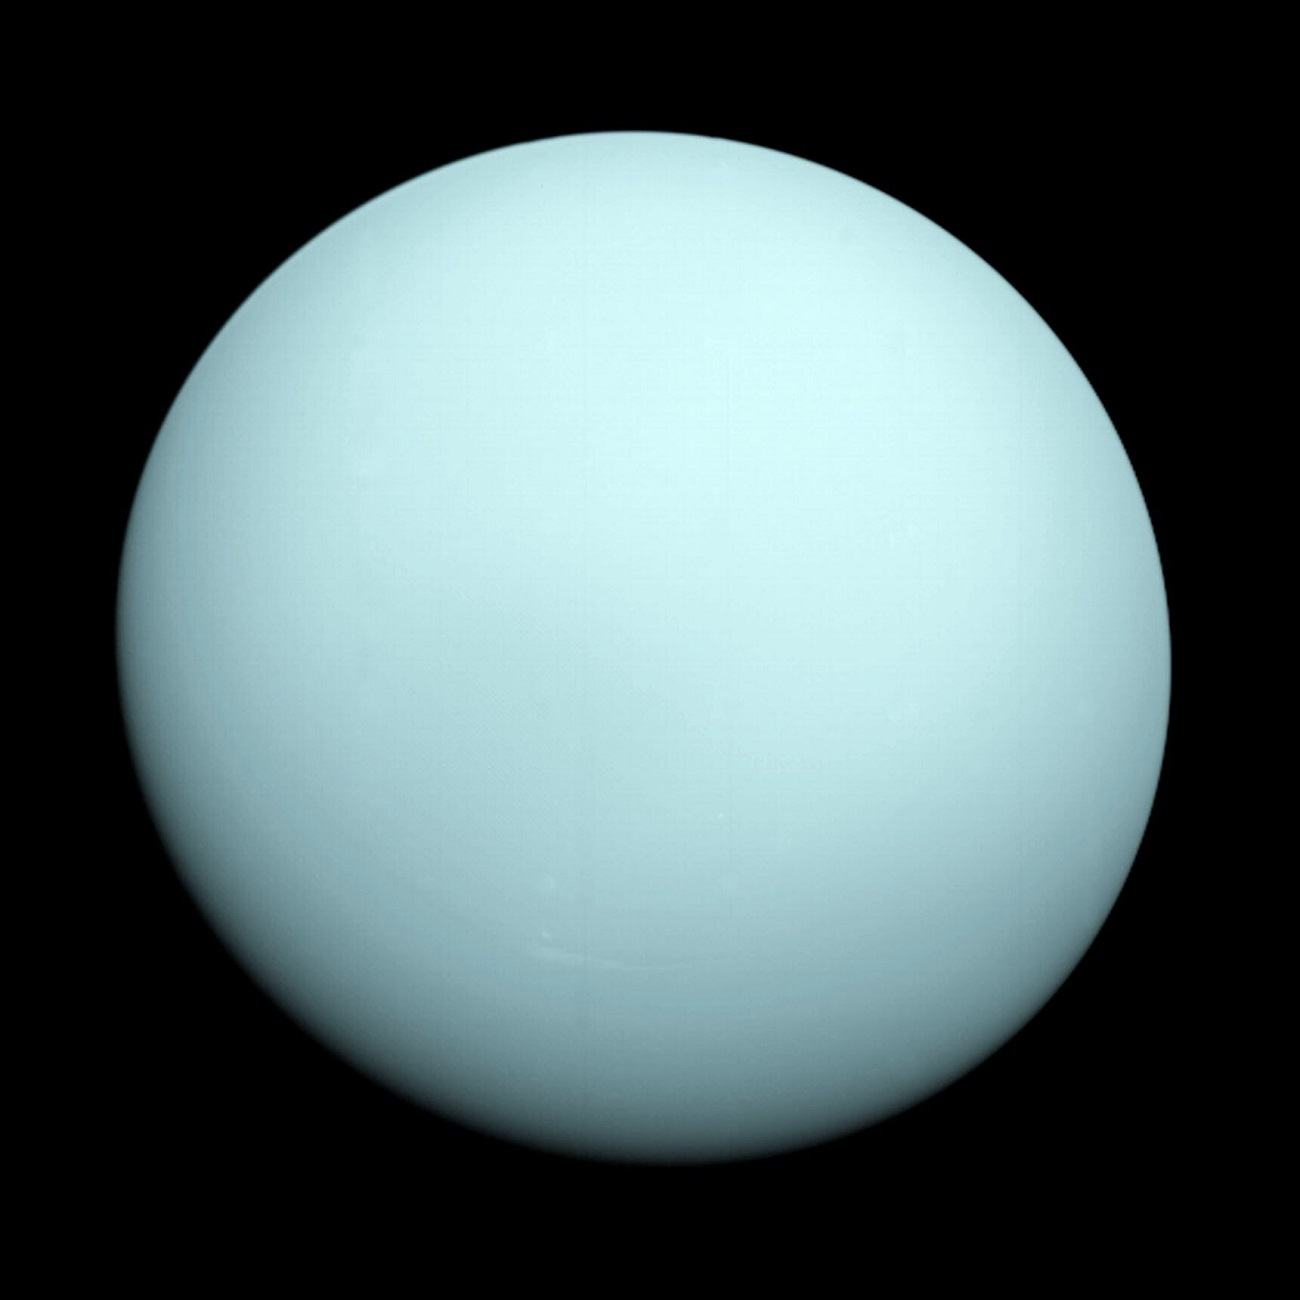 Uran może stwarzać warunki dla życia pozaziemskiego. Te obiekty interesują naukowców